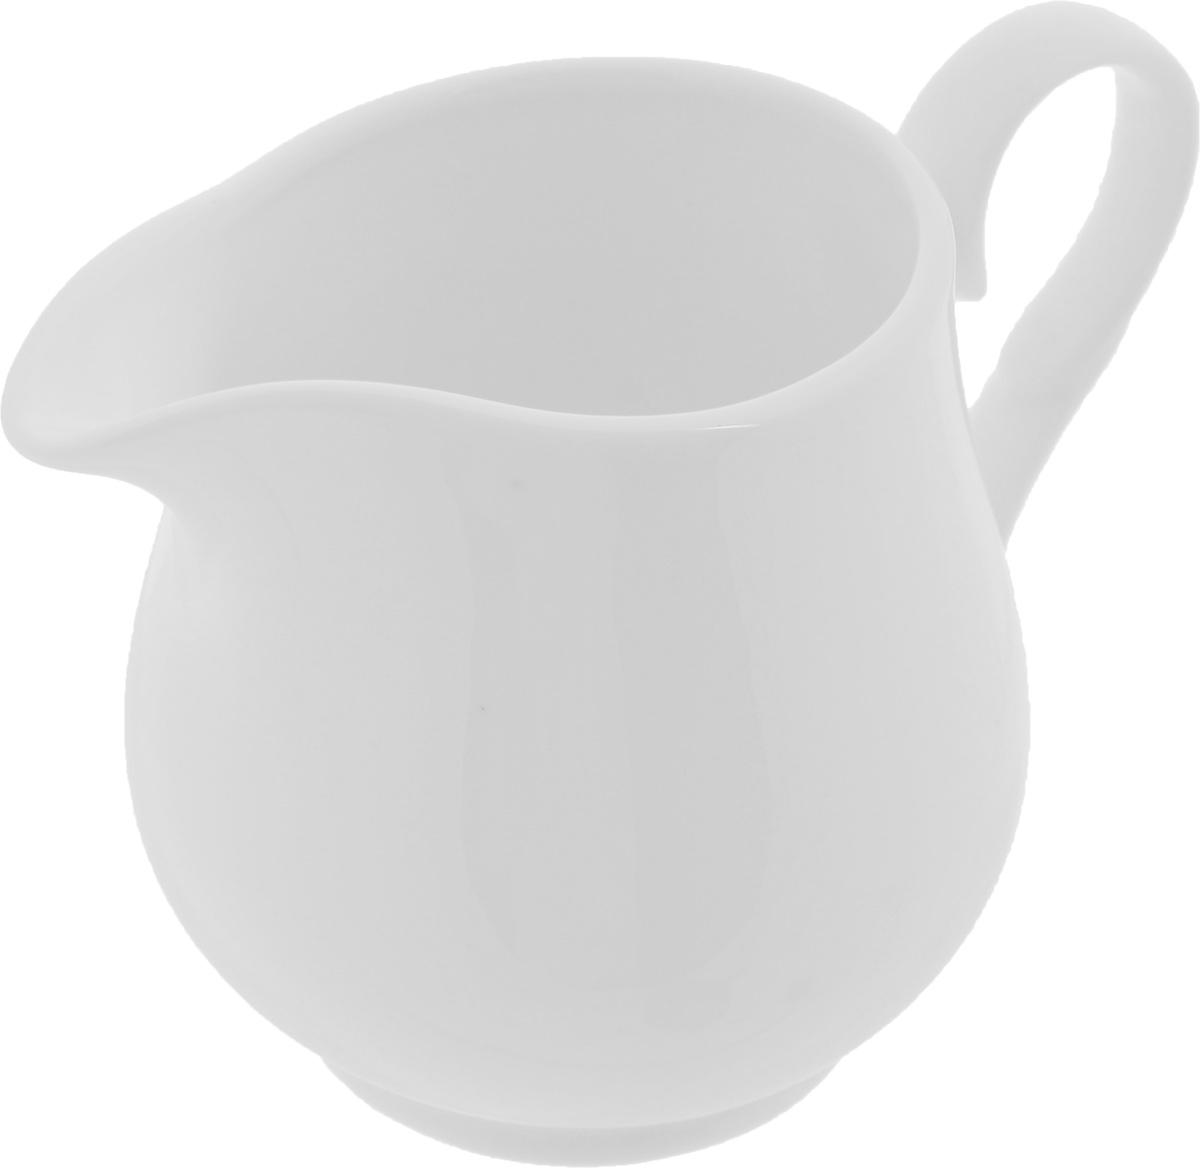 Молочник Wilmax, 300 млAVSARN66027Элегантный молочник Wilmax, выполненный из высококачественного фарфора с глазурованным покрытием, предназначен для подачи сливок, соуса и молока. Изящный, но в тоже время простой дизайн молочника, станет прекрасным украшением стола. Диаметр молочника по верхнему краю: 6,2 см.Диаметр основания: 5,5 см. Высота молочника: 9 см.